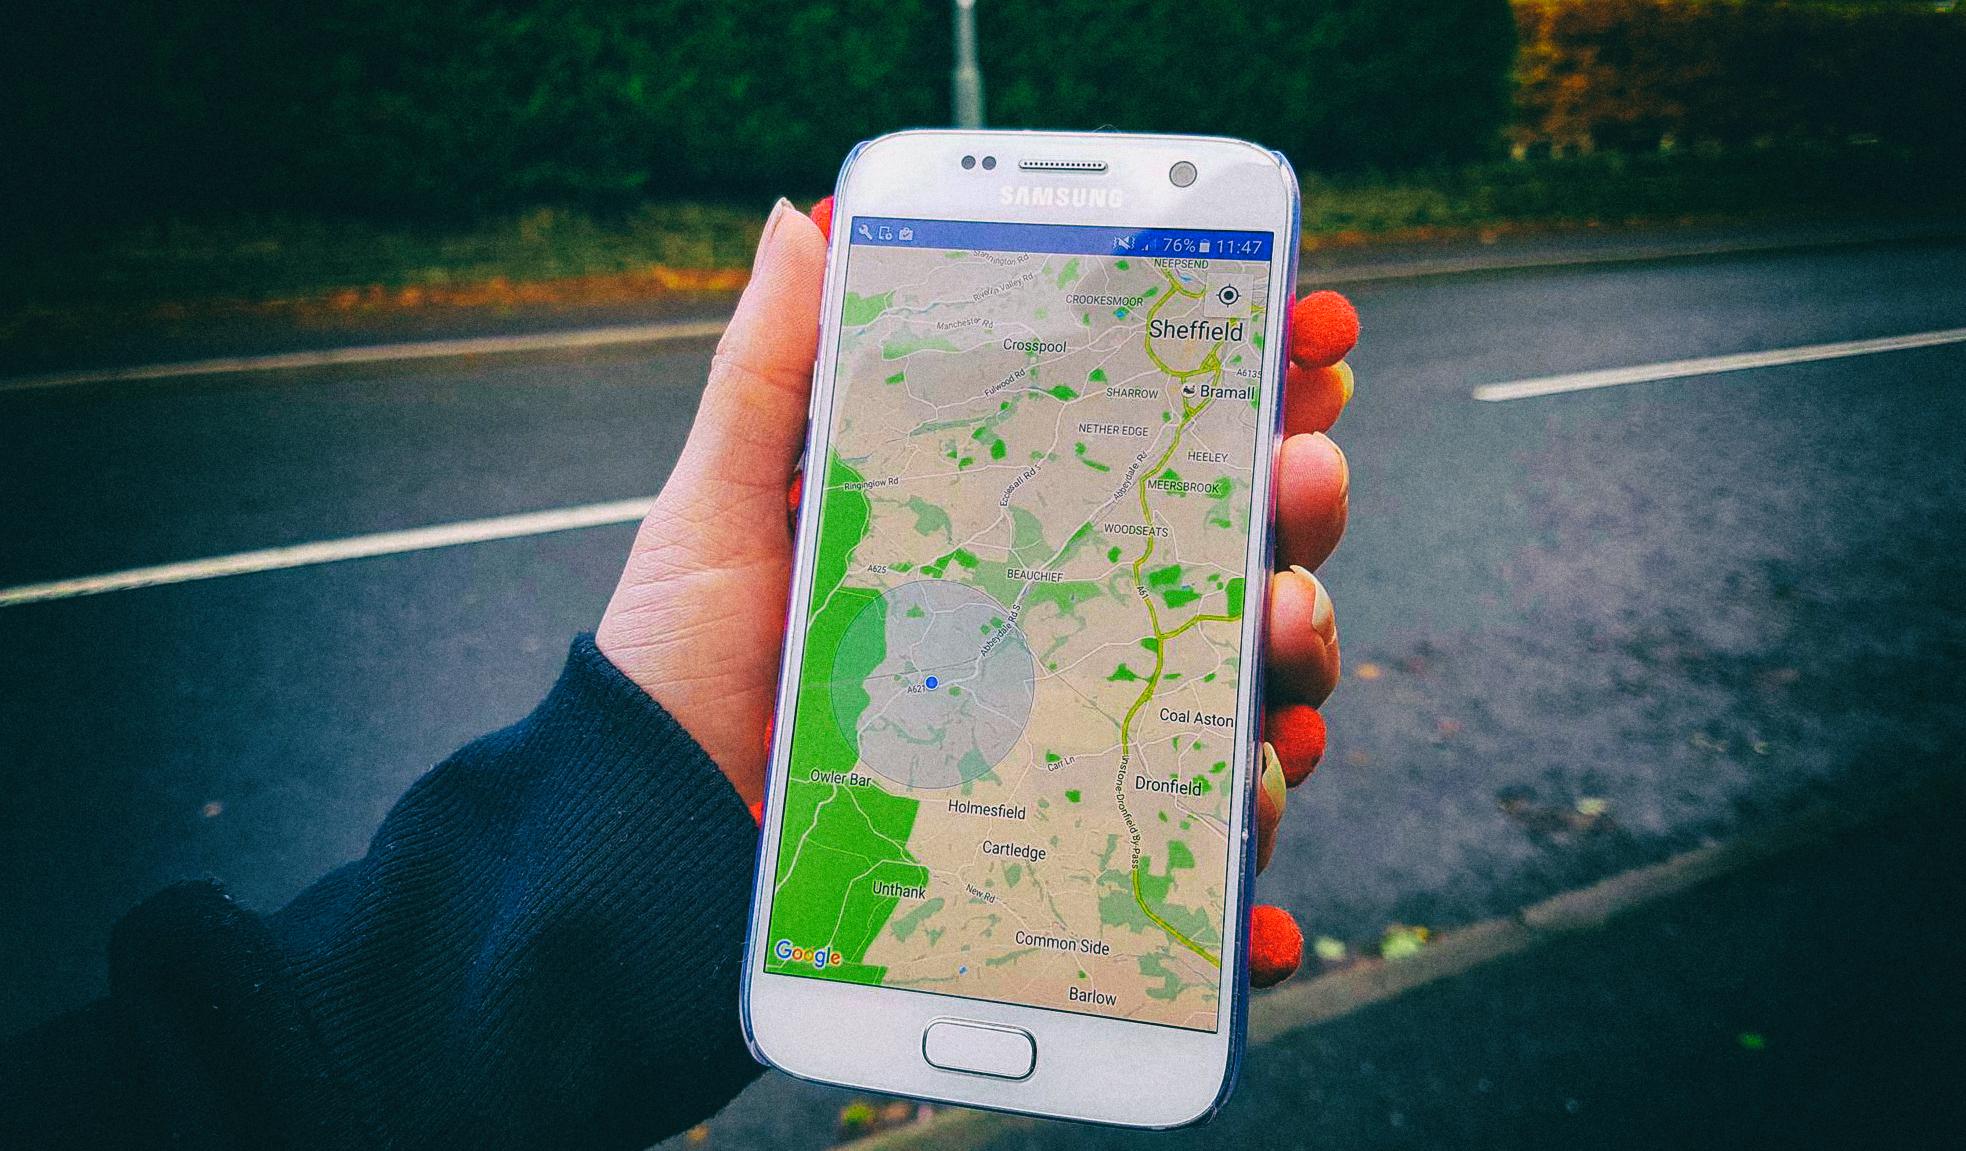 Google нанес на карты пятую часть поверхности Земли